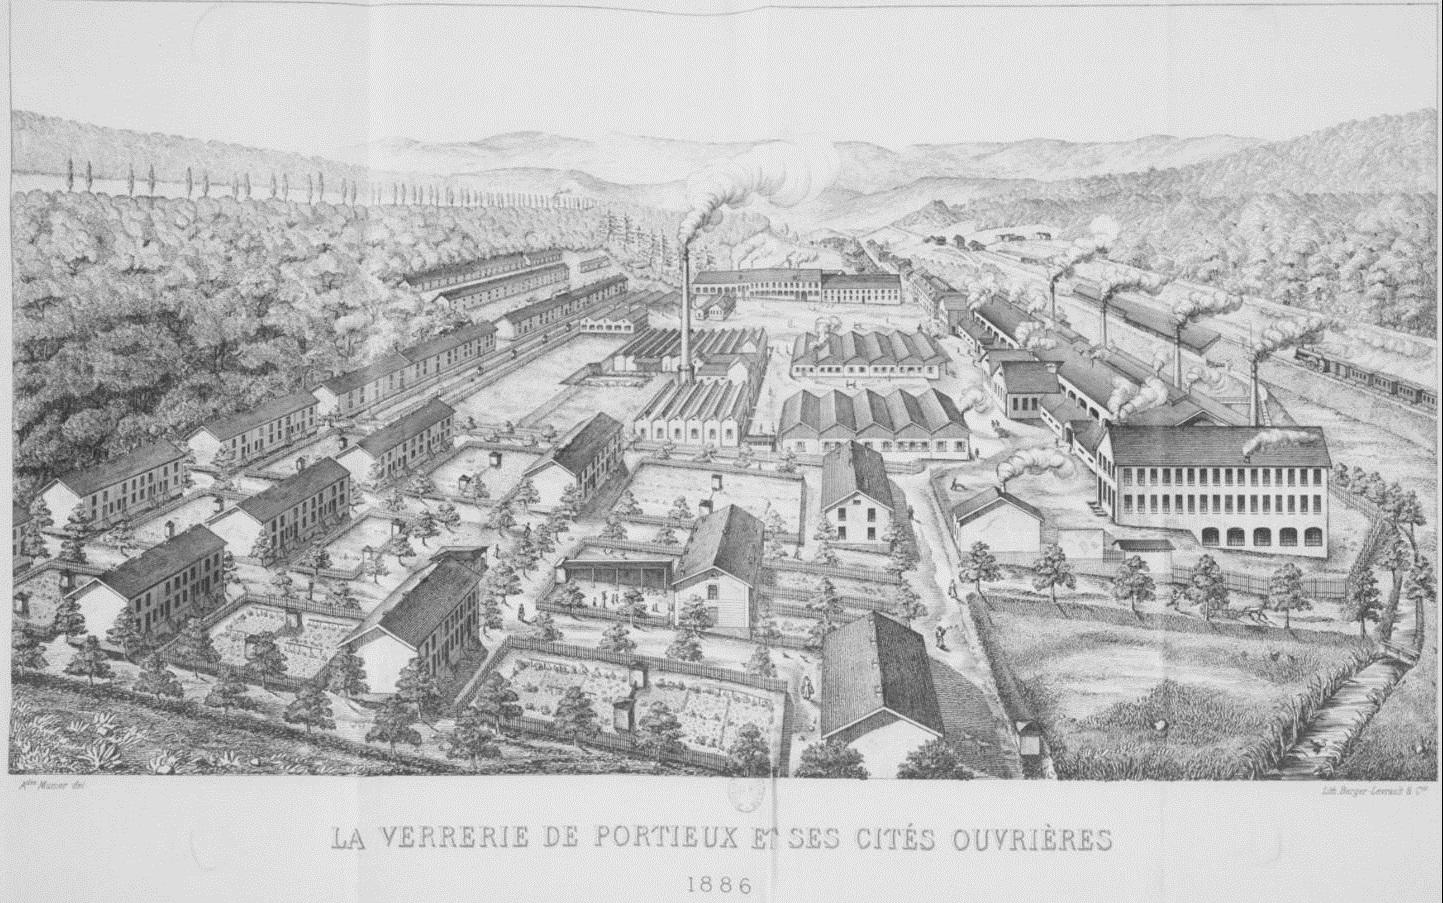 Croquis verrerie de Portieux en 1886